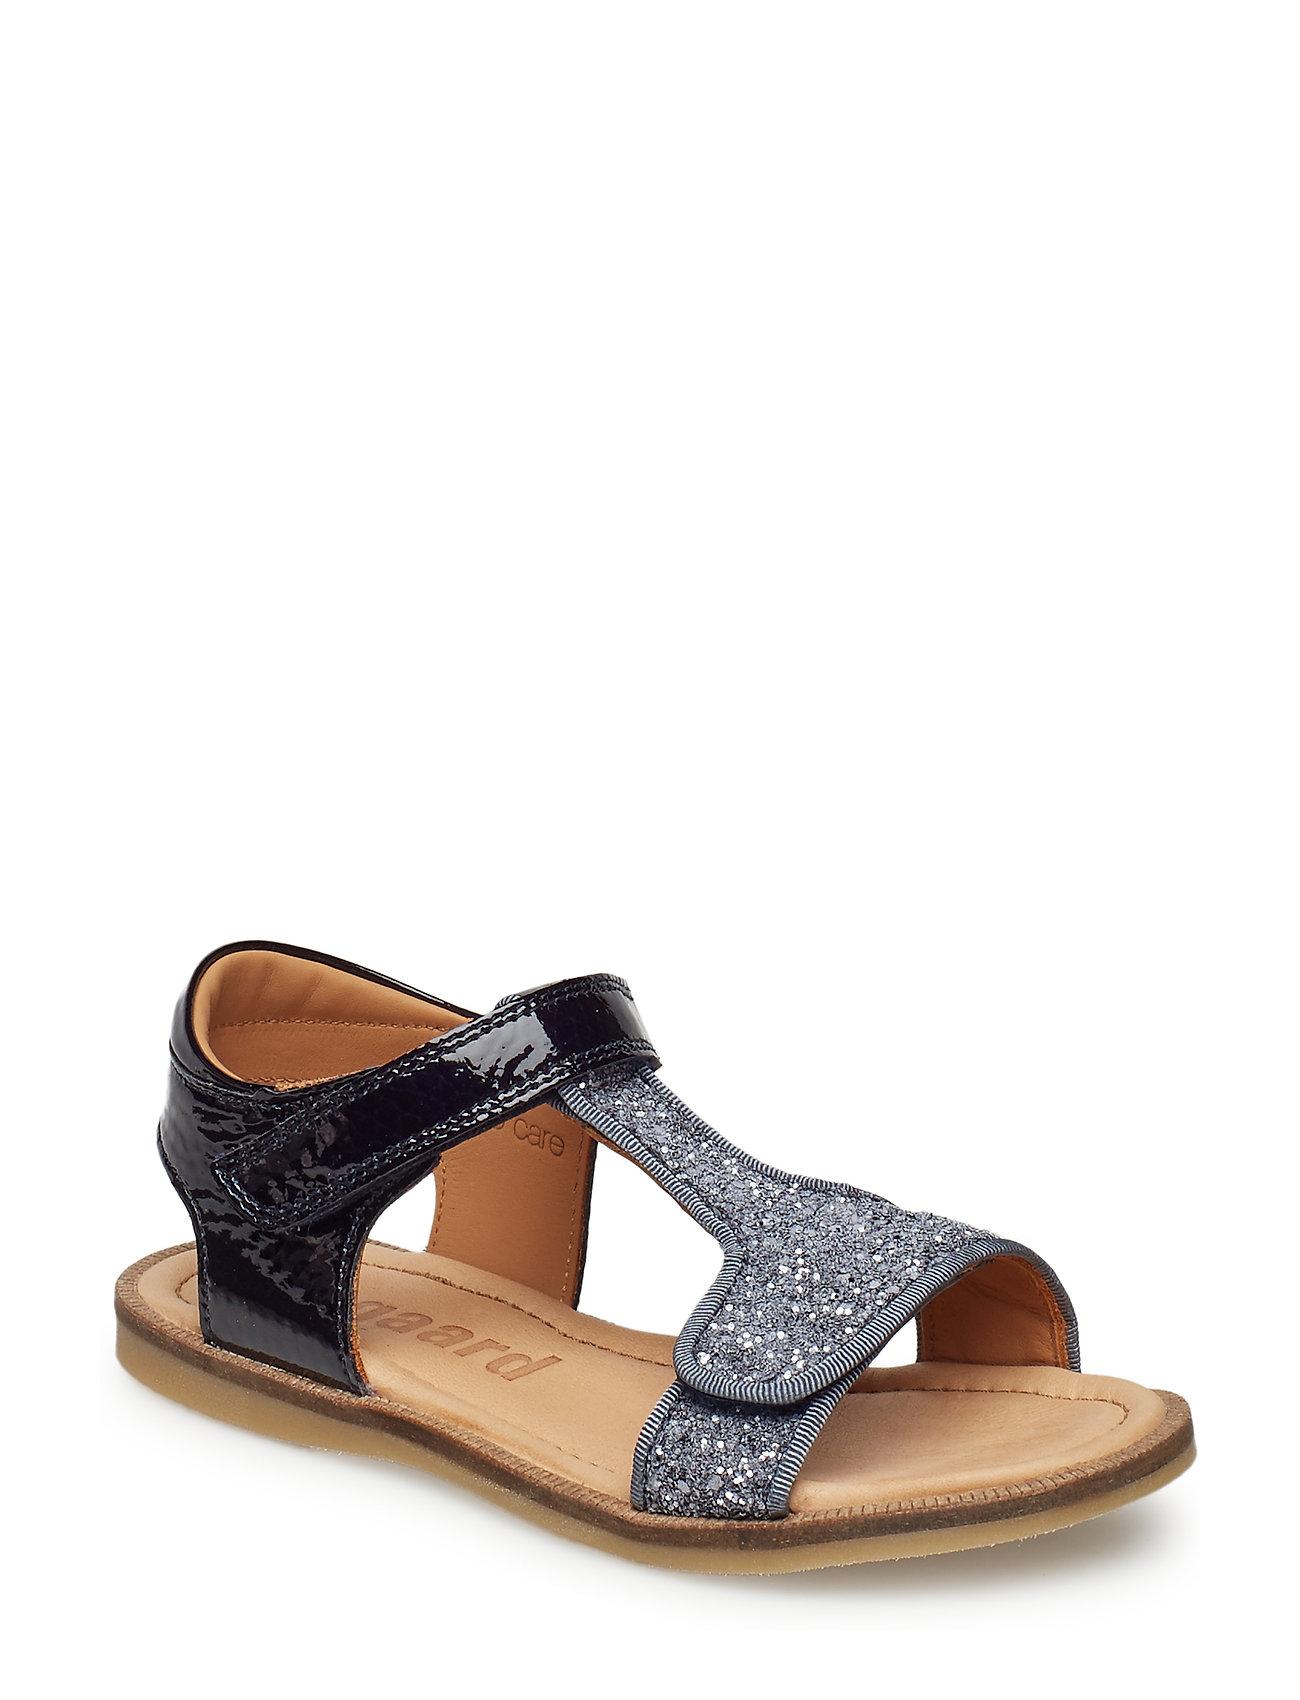 55267155ea40 Bisgaard sandaler – Sandal til børn i Sort - Pashion.dk